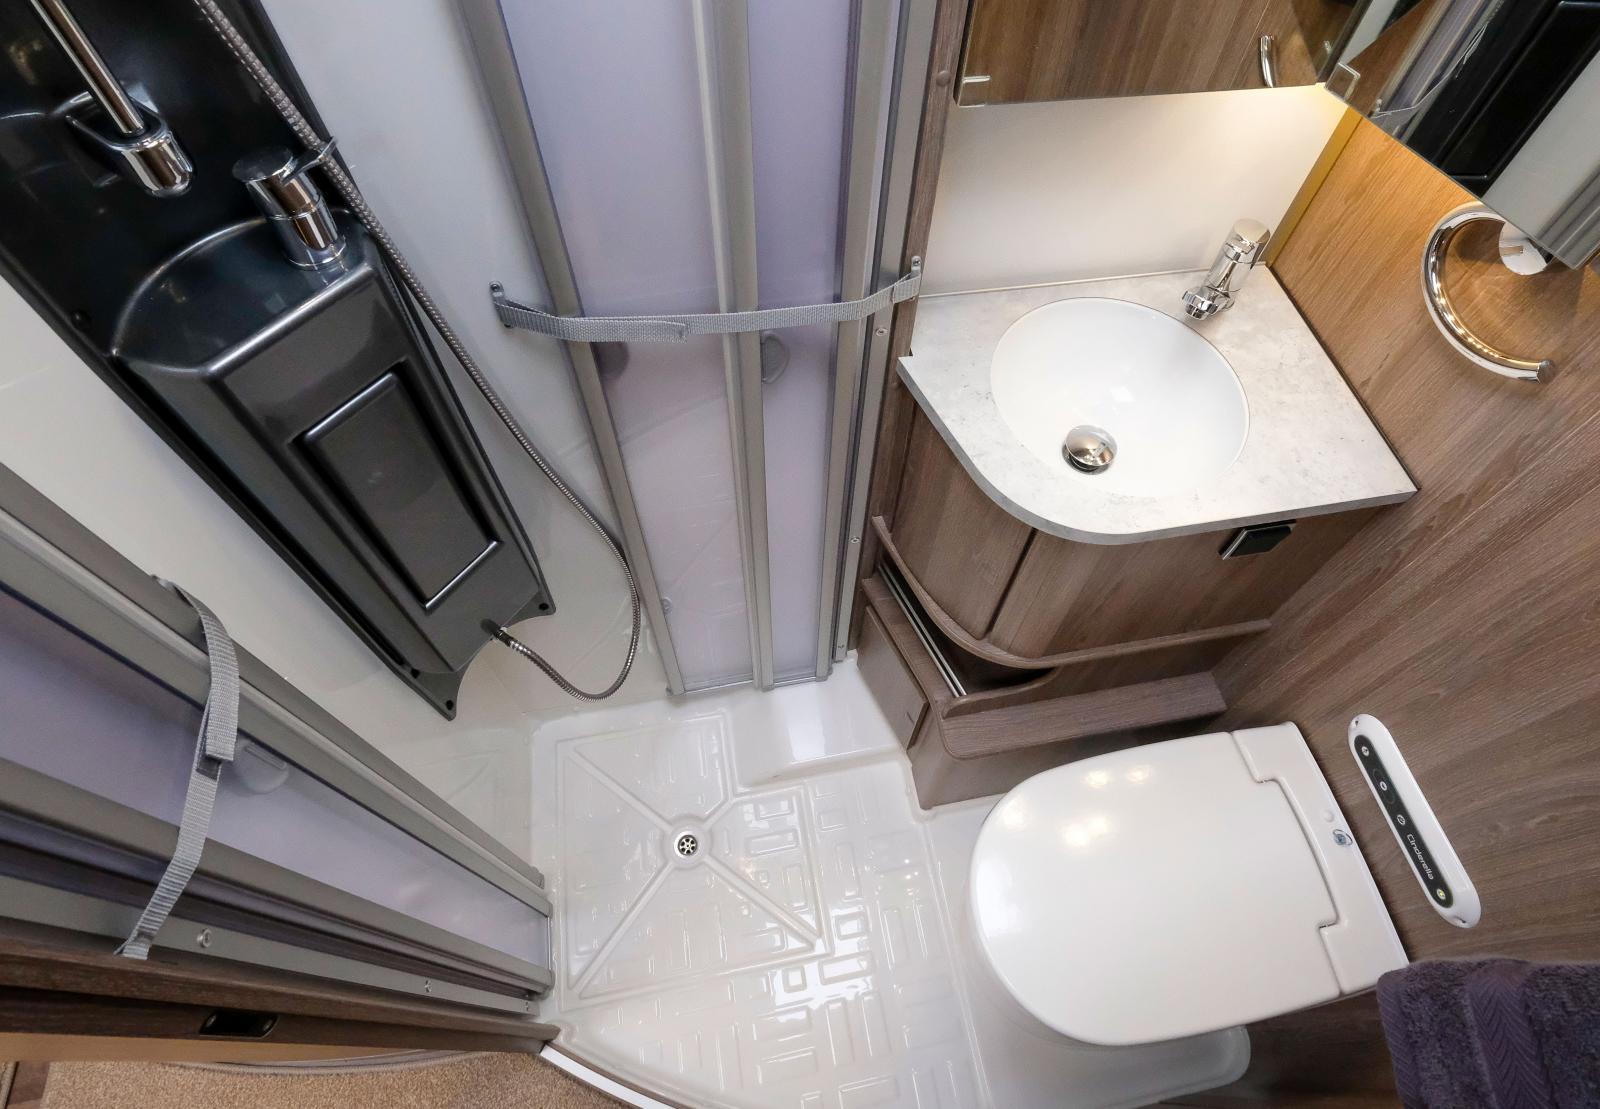 Badrummet är ett så kallat allt-i-ett som ger kompakta mått. Vill man ha större badrum finns det större syskon i serien.